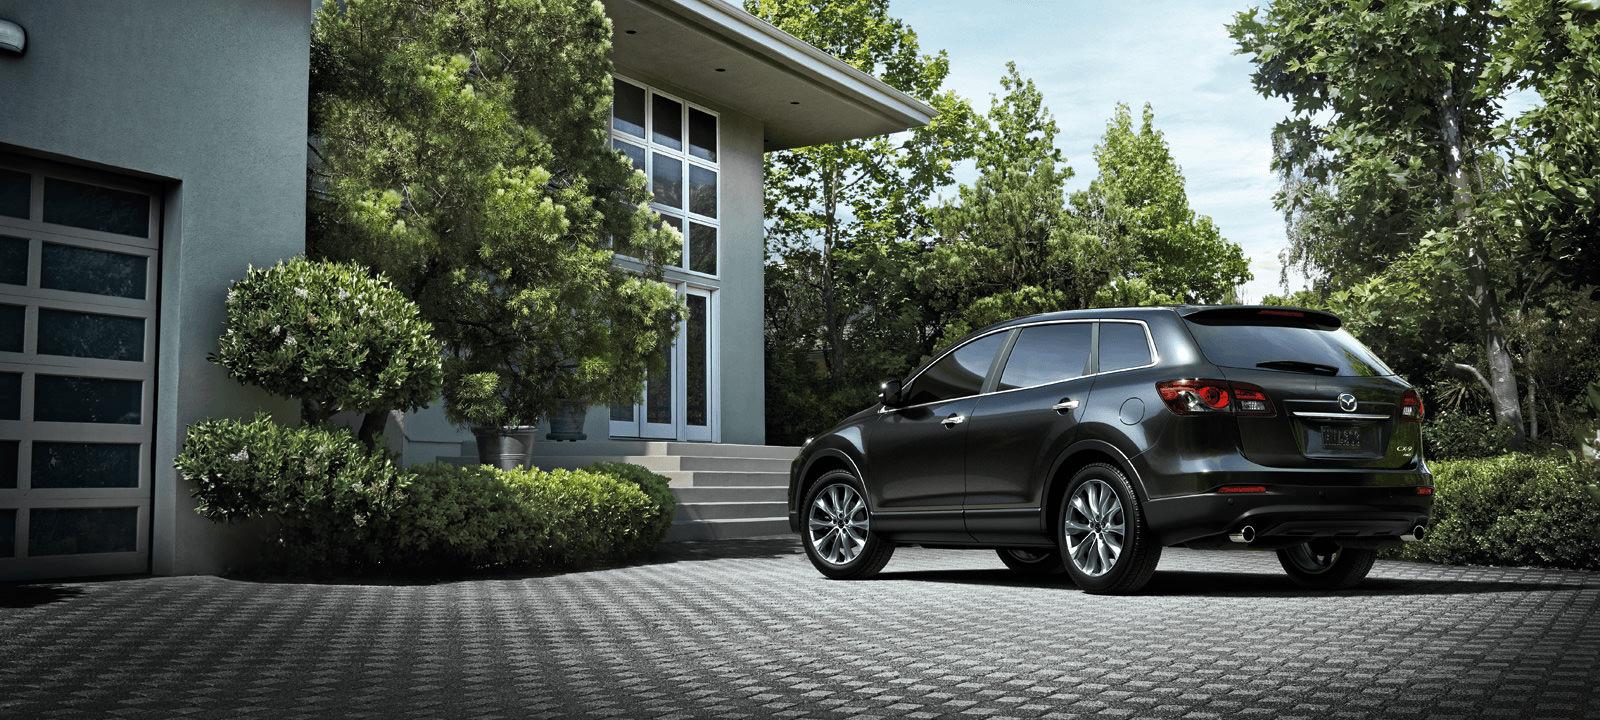 2015-Mazda-CX-9_3